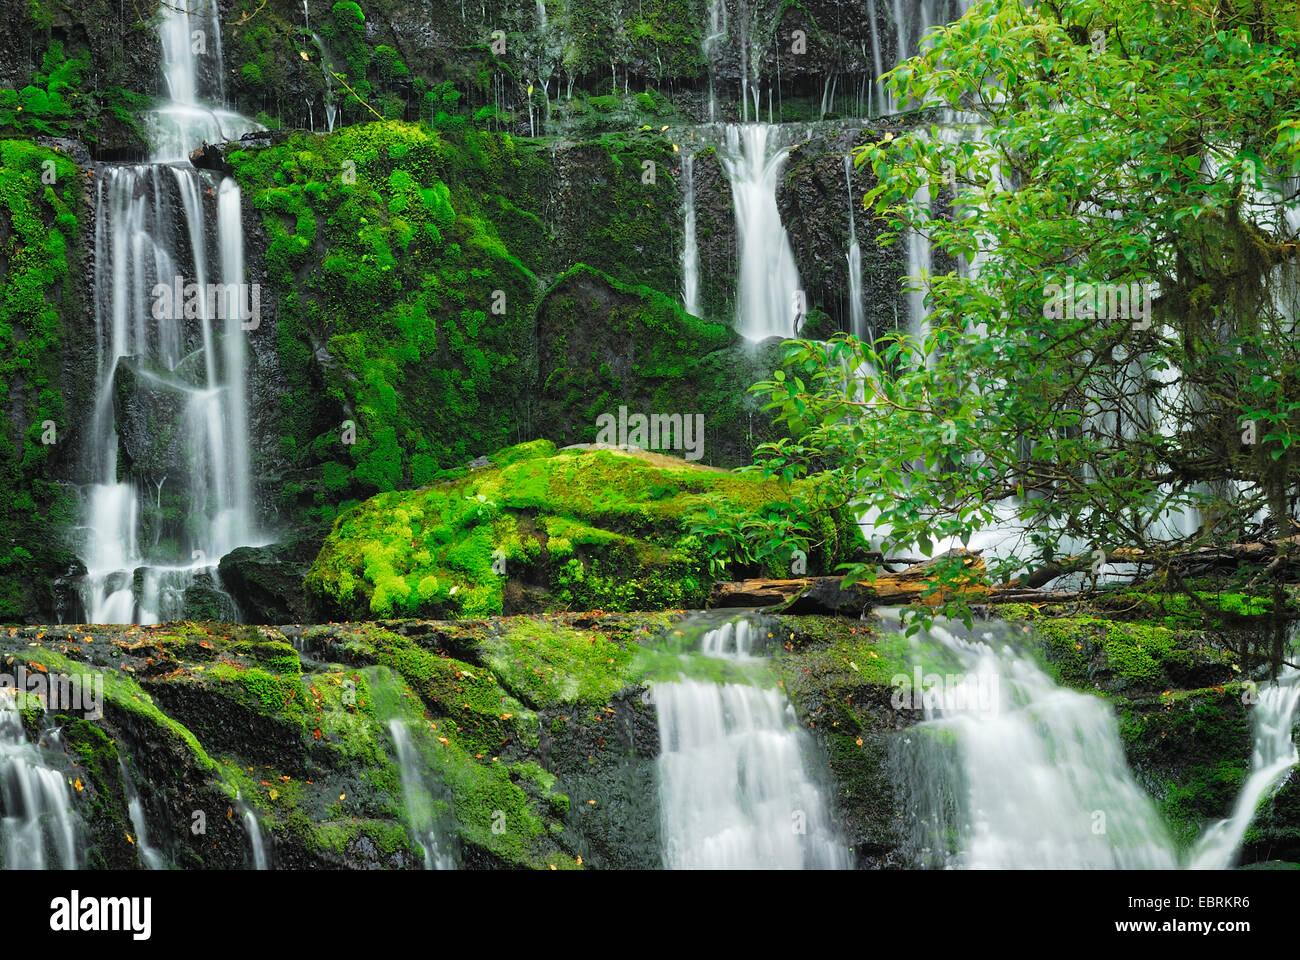 Purakaunui Falls, Nouvelle-Zélande, Sud de l'île, le Parc Forestier de Catlins Banque D'Images